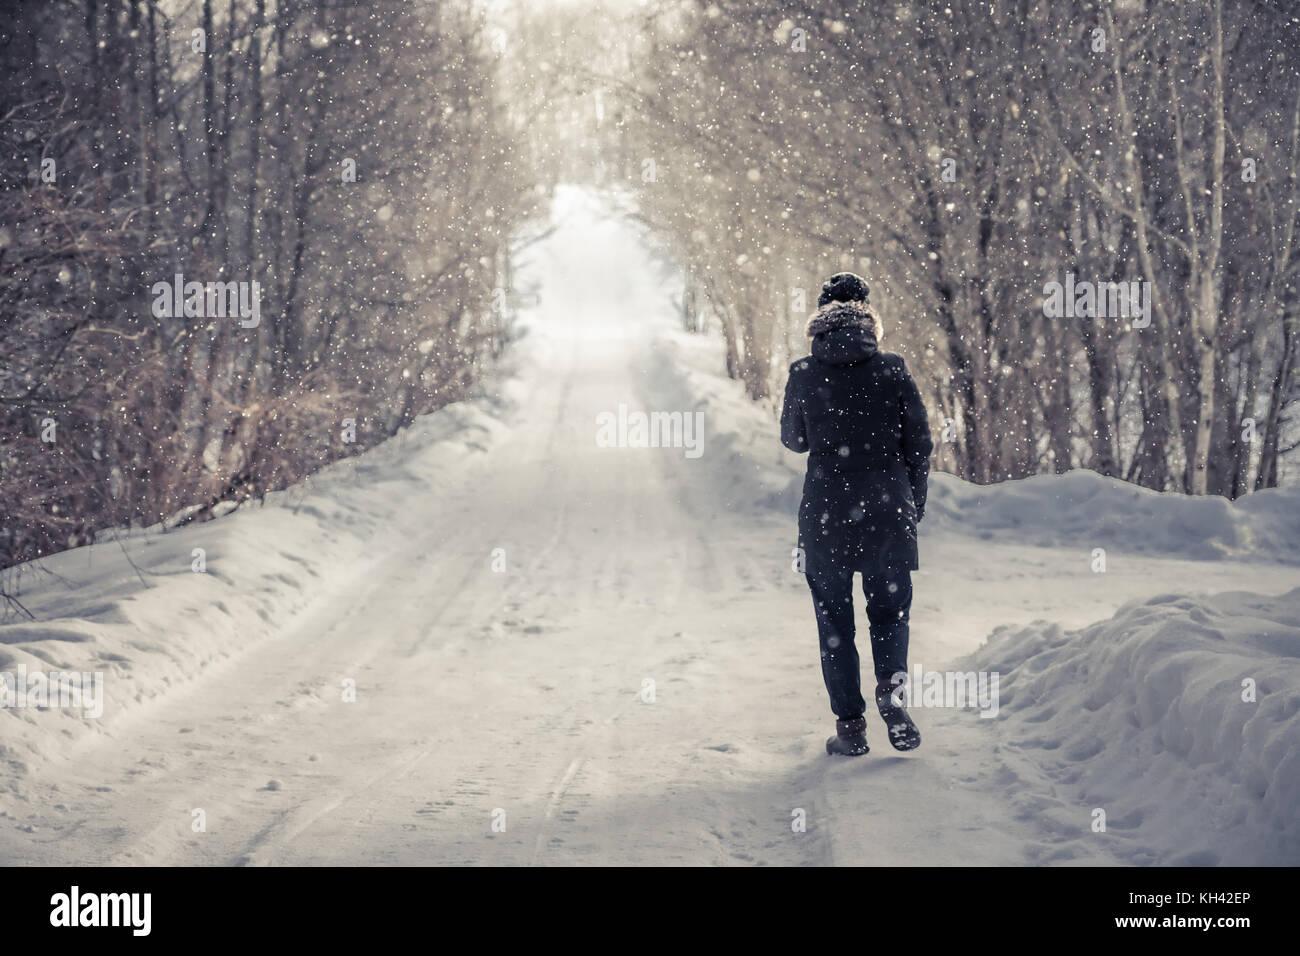 Donna solitarie passeggiate sulla neve in inverno road tra alberi alley con luce alla fine della strada in inverno Immagini Stock